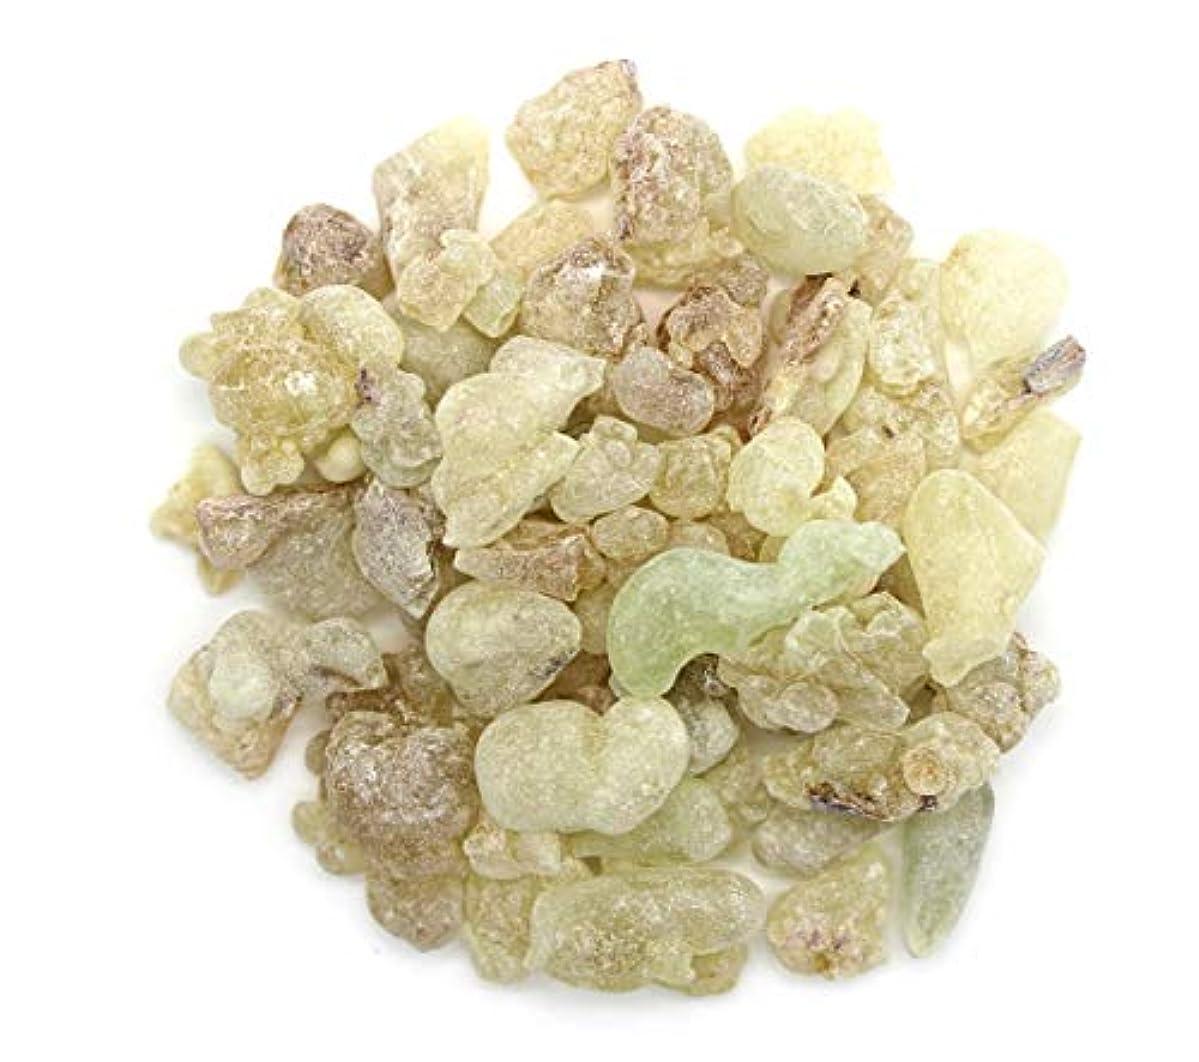 考える拒否塗抹Hygge Aromatics ロイヤルグリーン ホジャリ フランキンセンス - オーガニック - オマン (Boswellia Sacra) 1/2ポンド